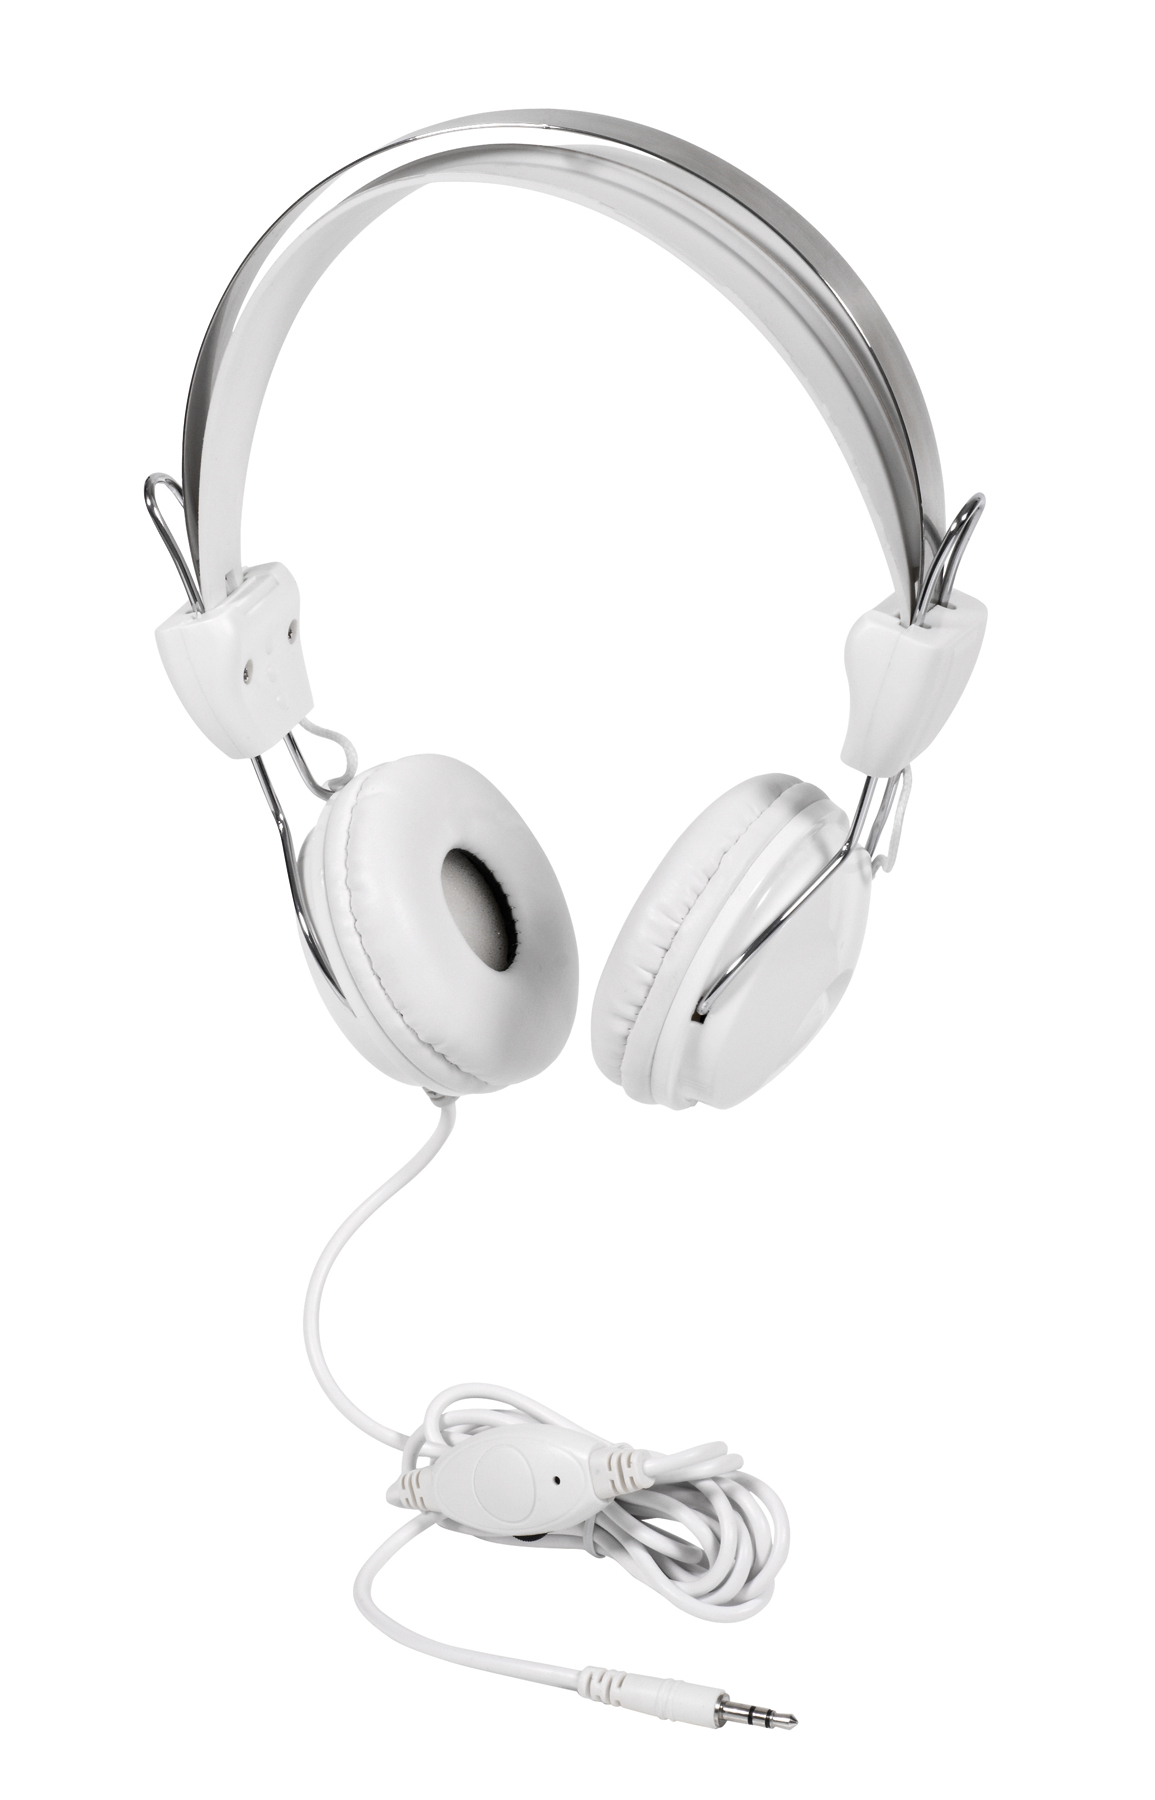 Zestaw słuchawkowy HURRICANE, biały